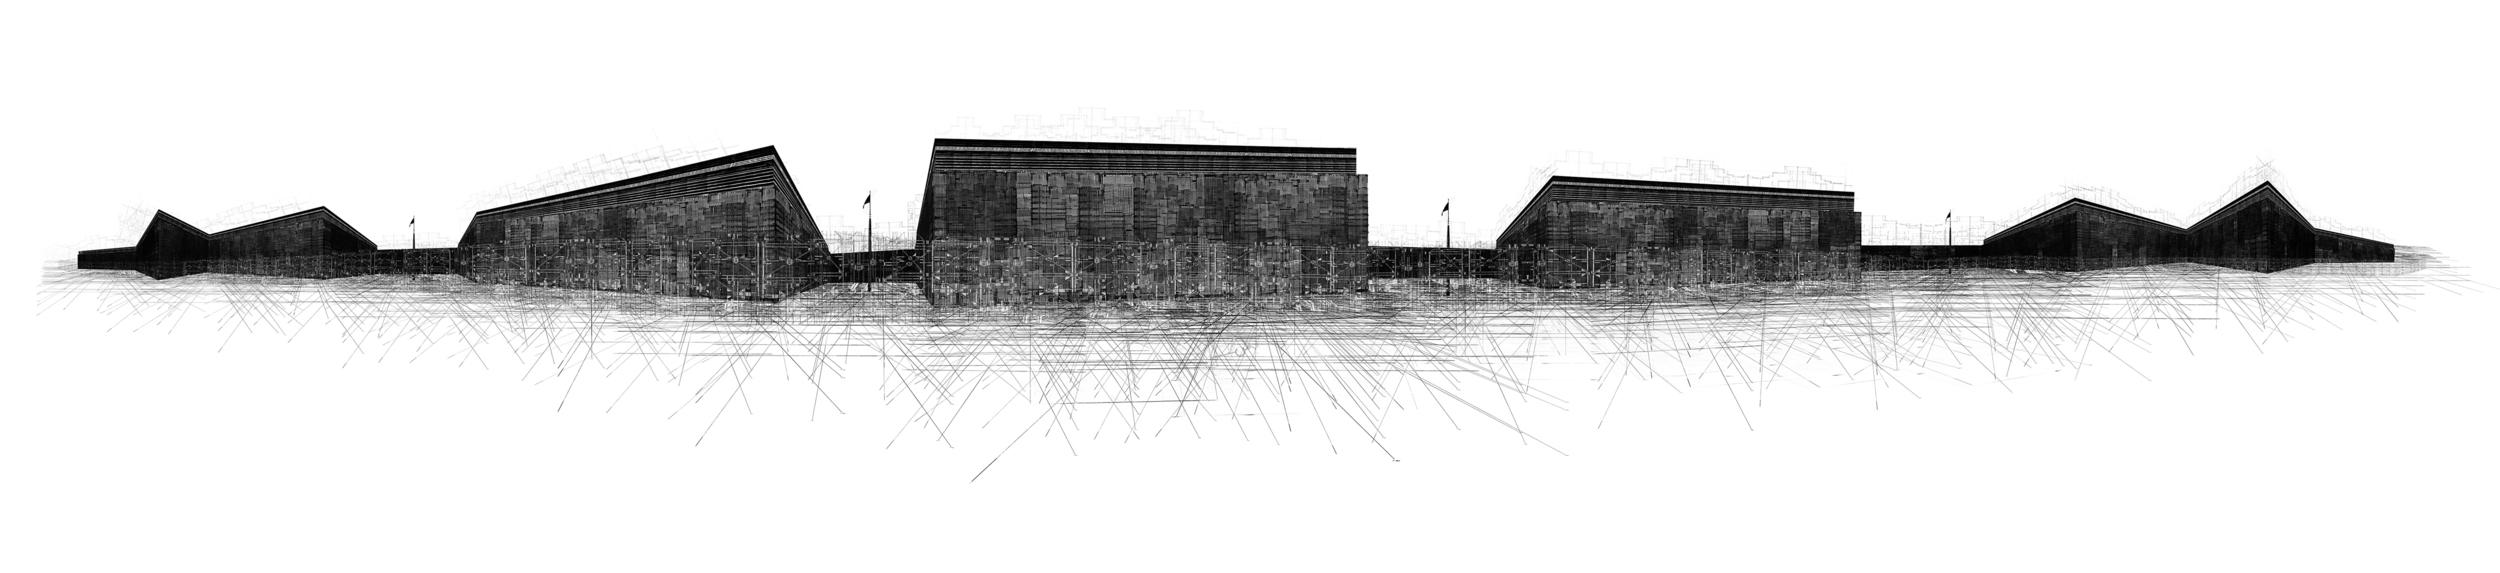 Colonium   2010  60 in. x 14 in.  archival inkjet print